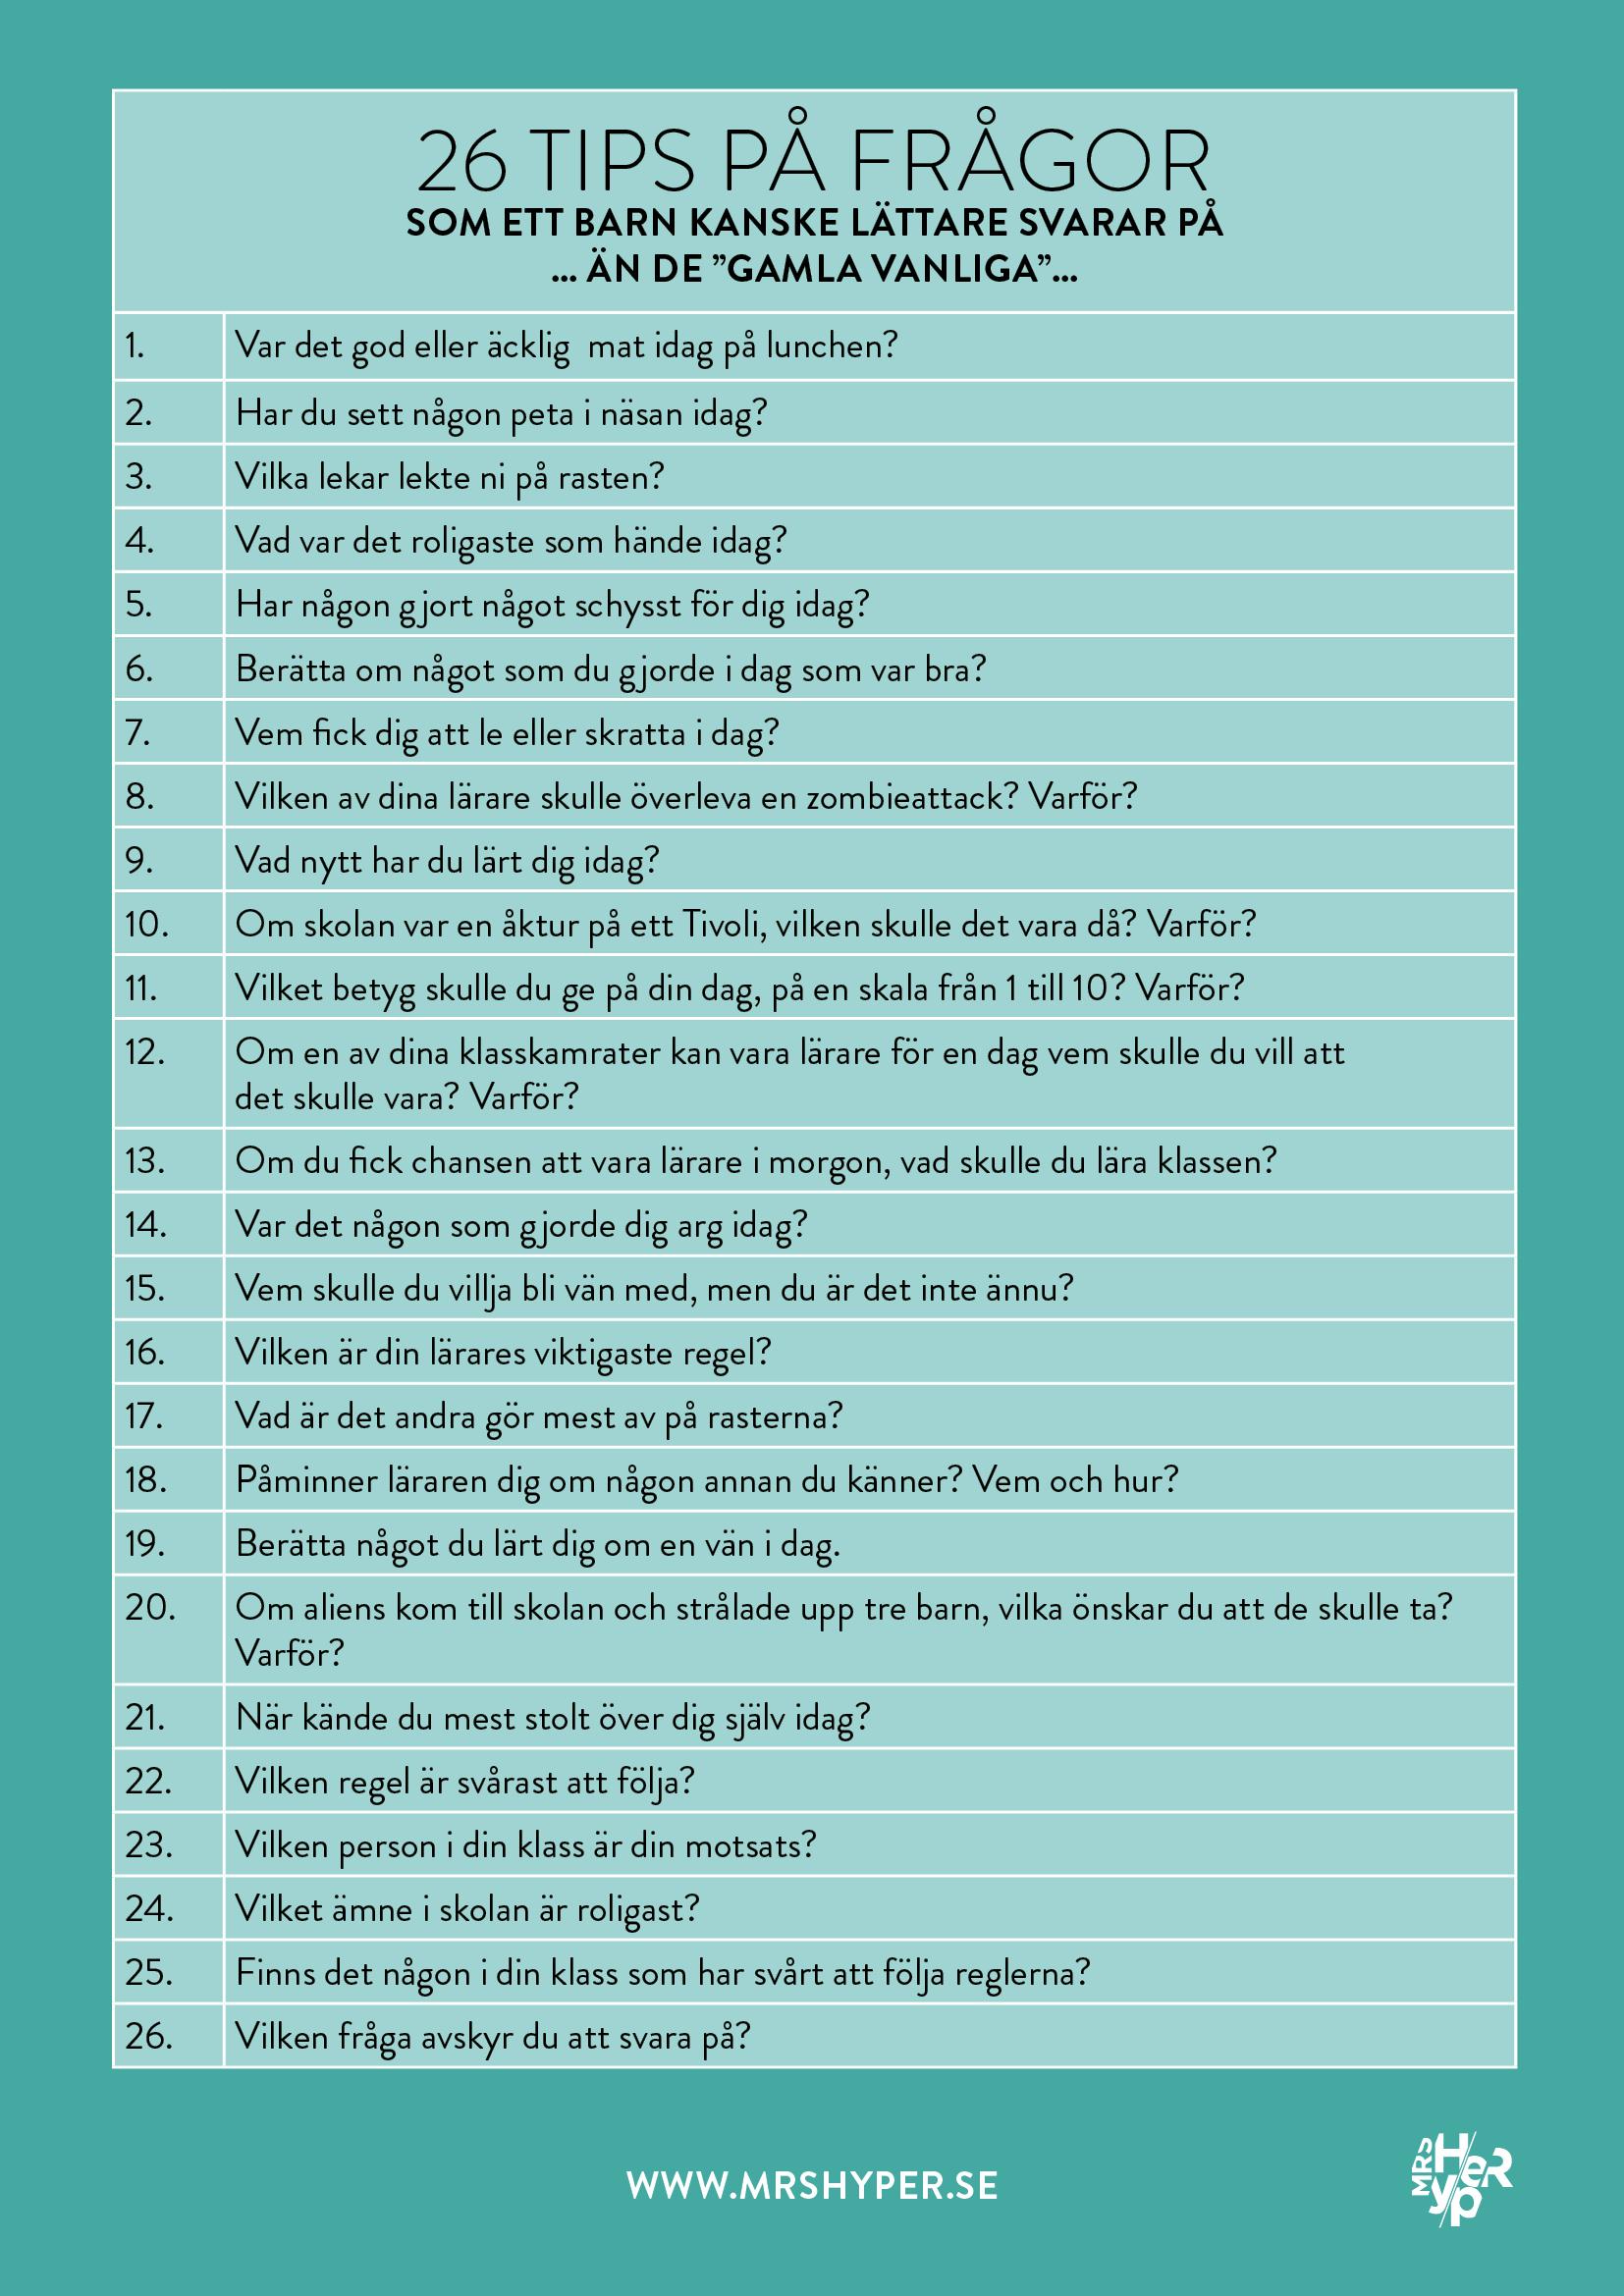 26 tips på frågor